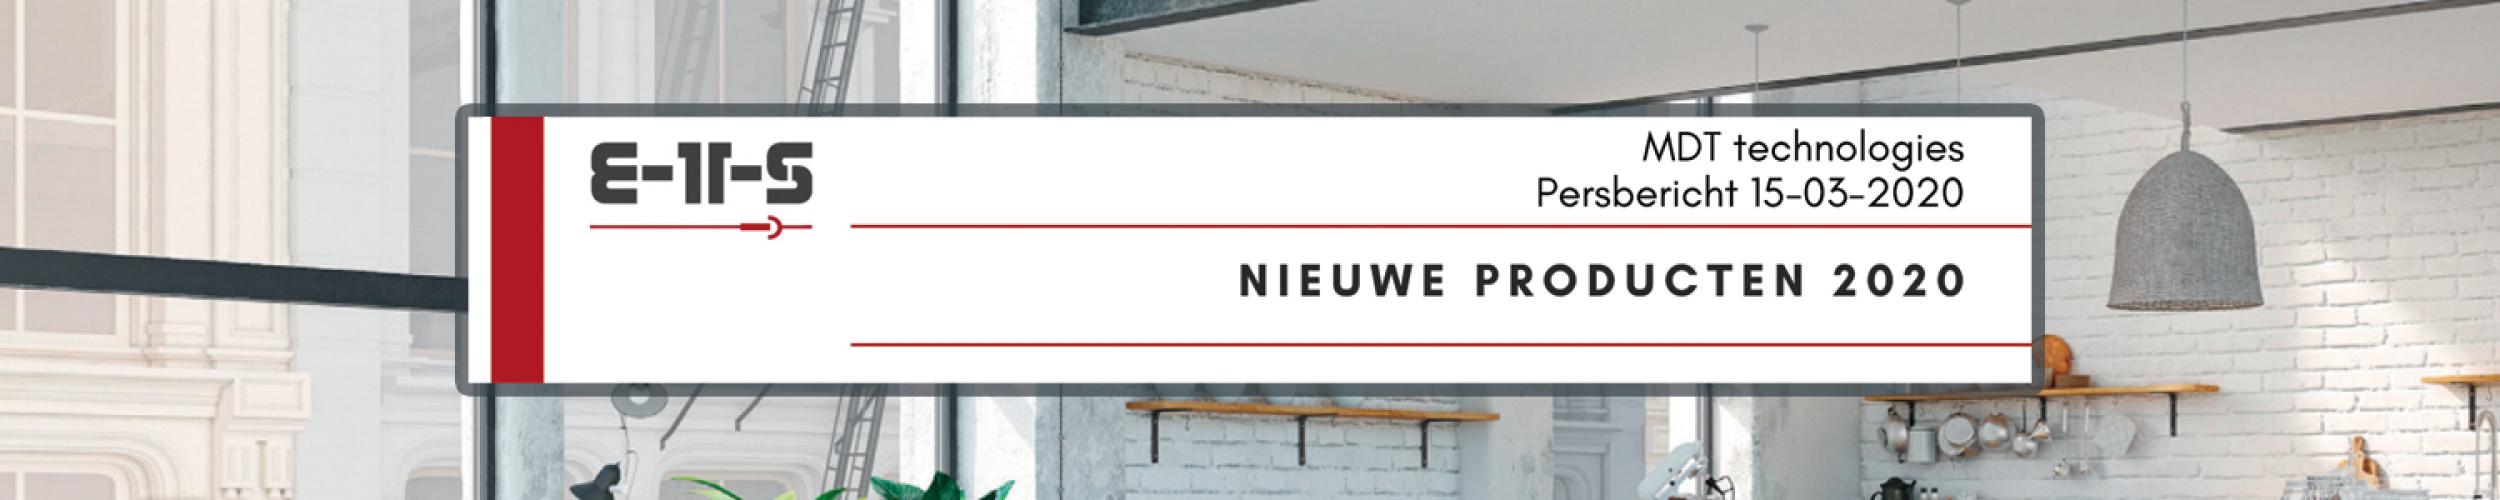 MDT technologies_Nieuwe producten 2020_E-T-S elektro als officiële verdeler